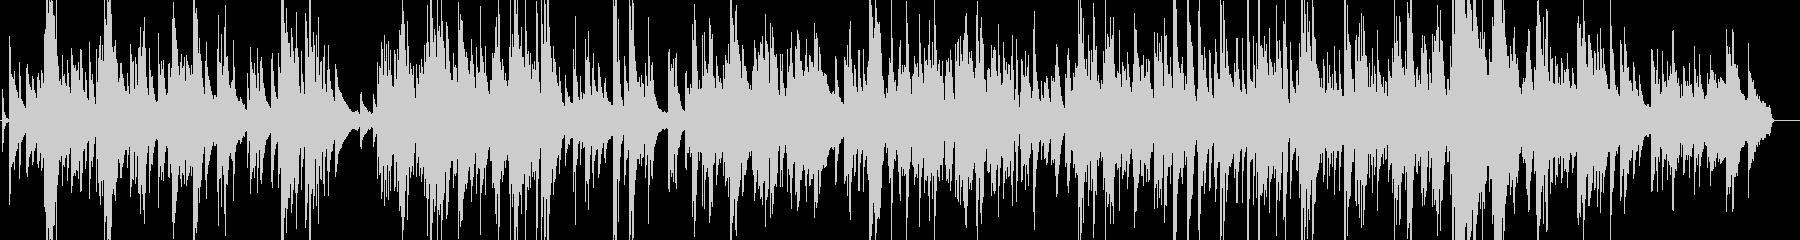 大人のジャズバラードの未再生の波形